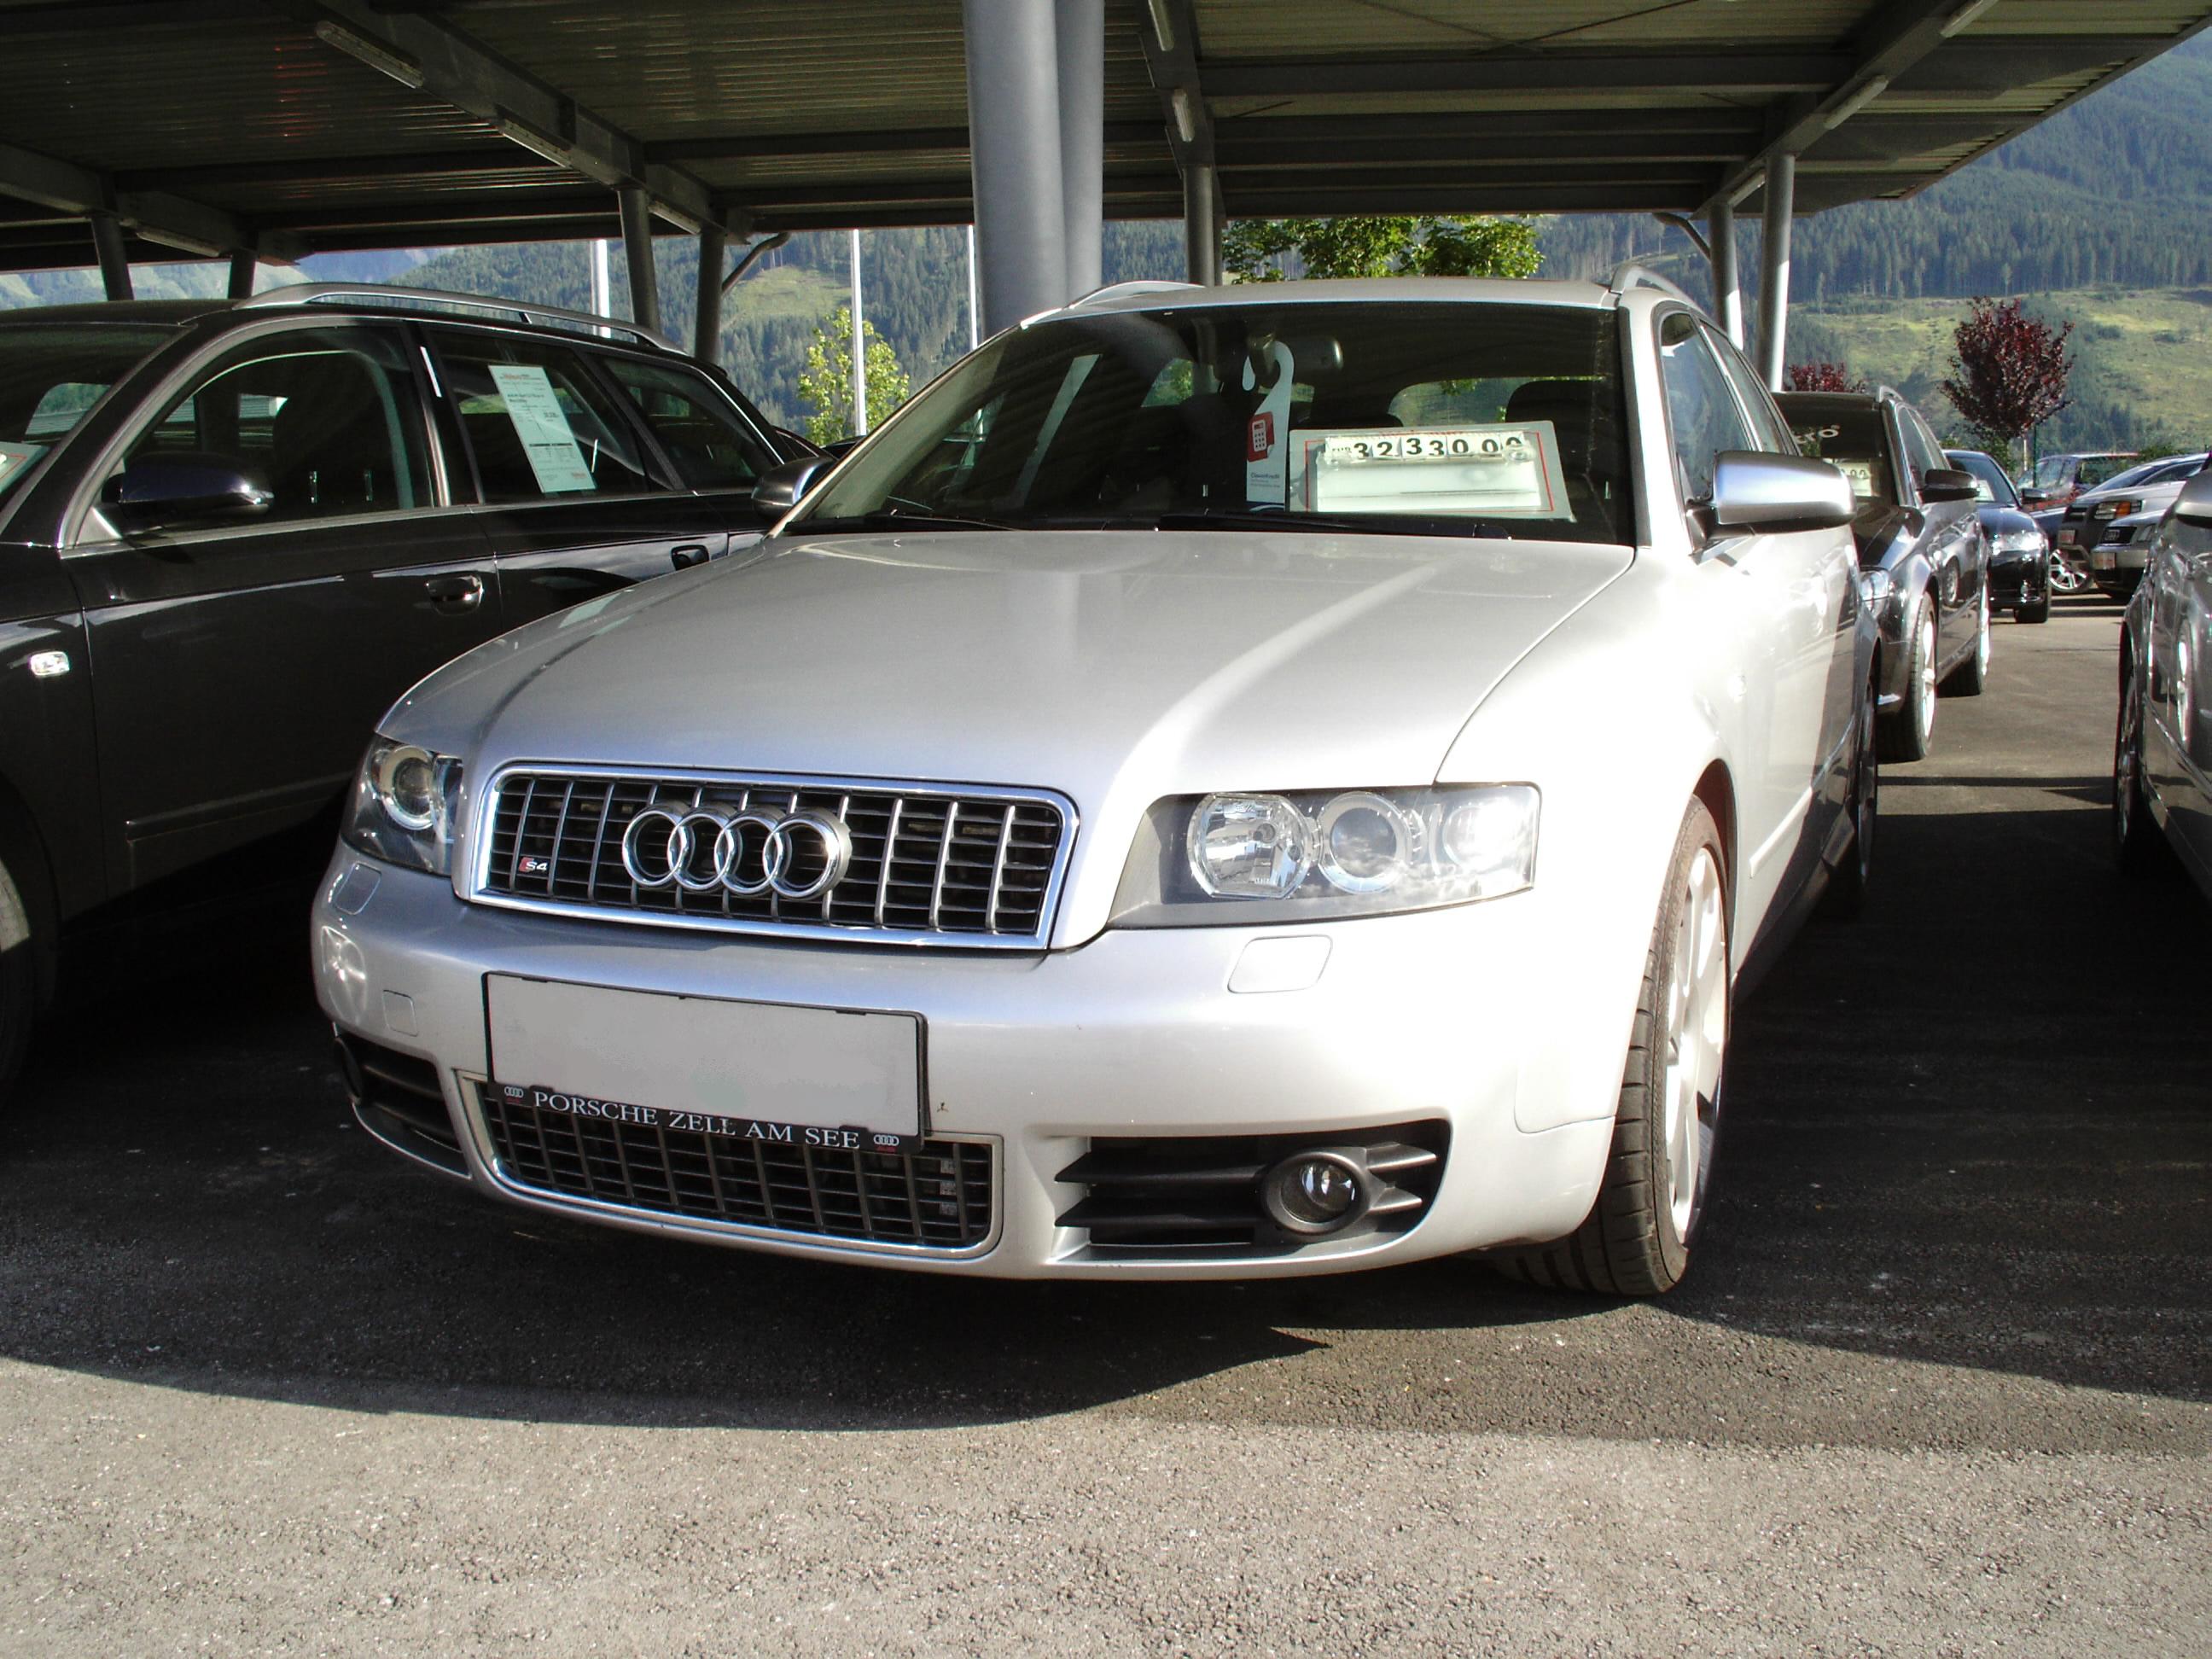 File:Audi S4 B6 Avant.PNG - Wikimedia Commons